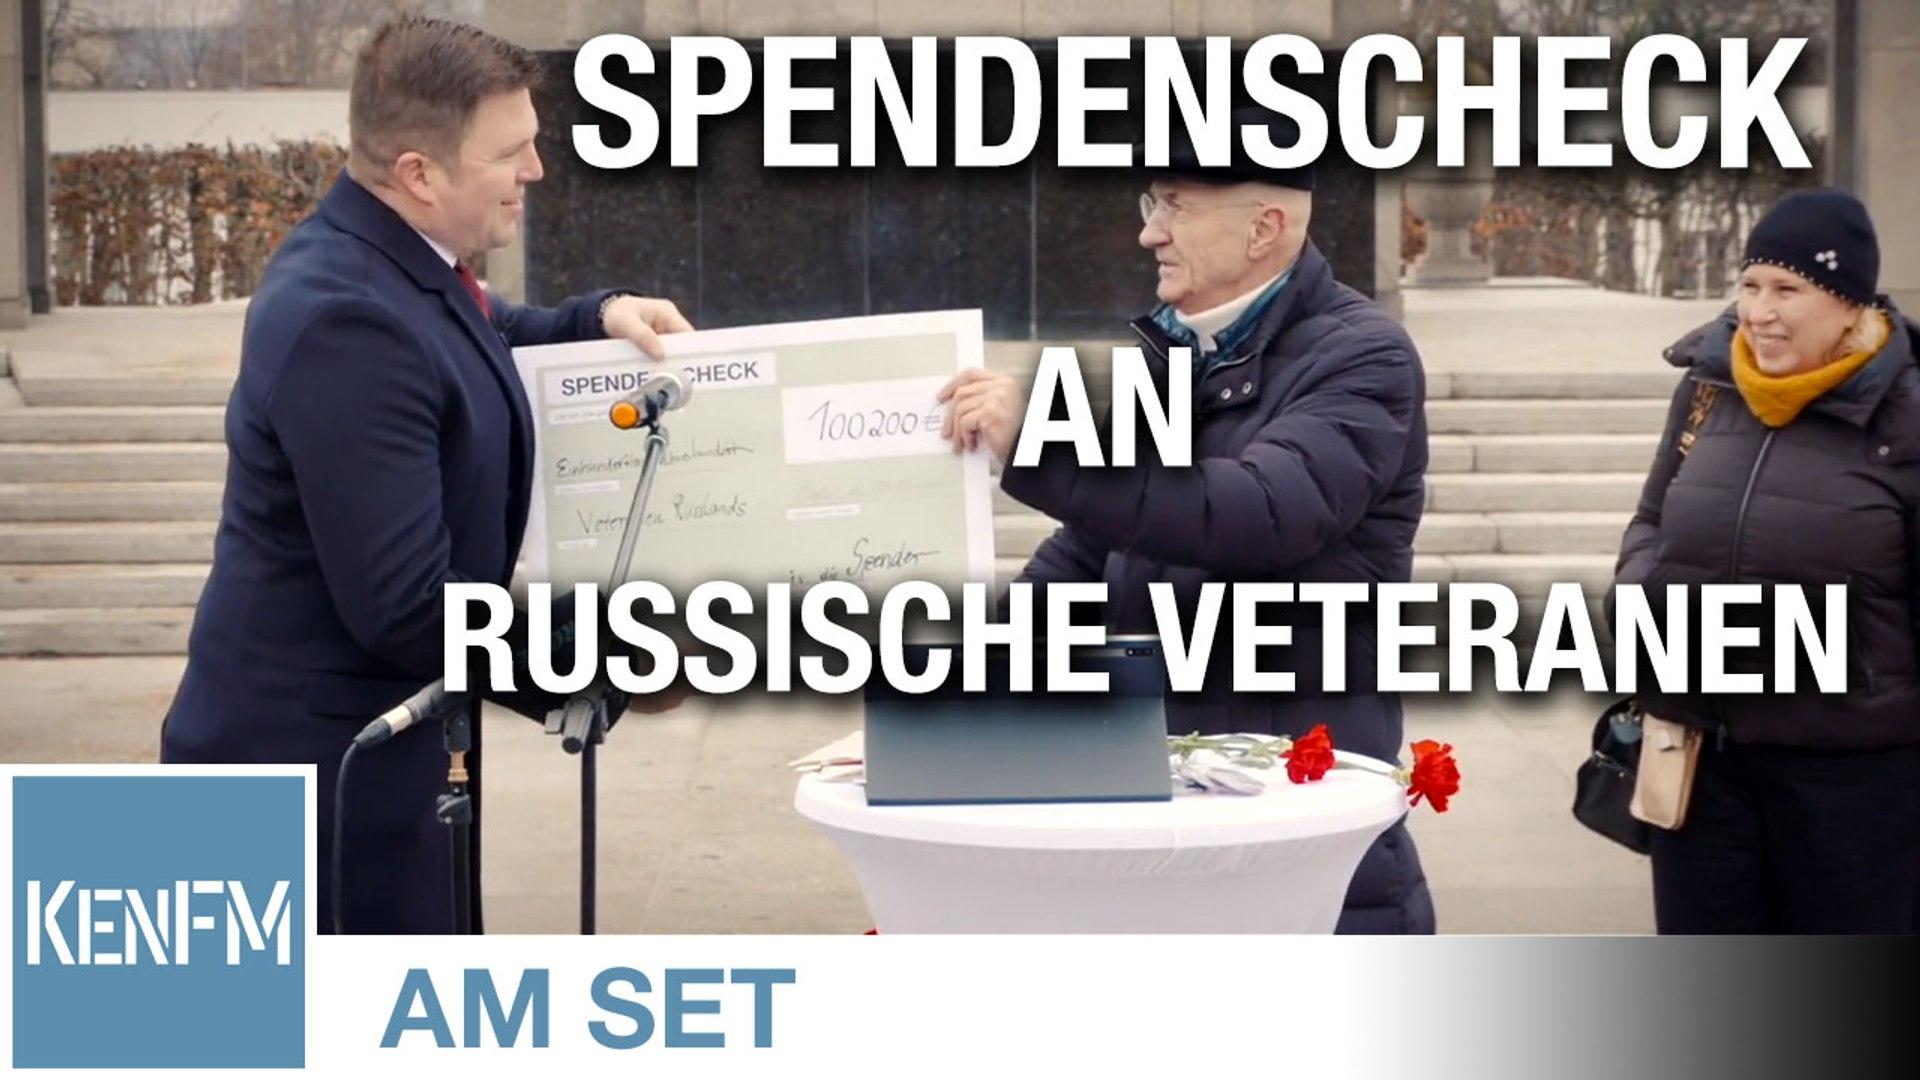 KenFM am Set: Übergabe des Spendenschecks für die Russischen Veteranen am 05.01.21 in Berlin